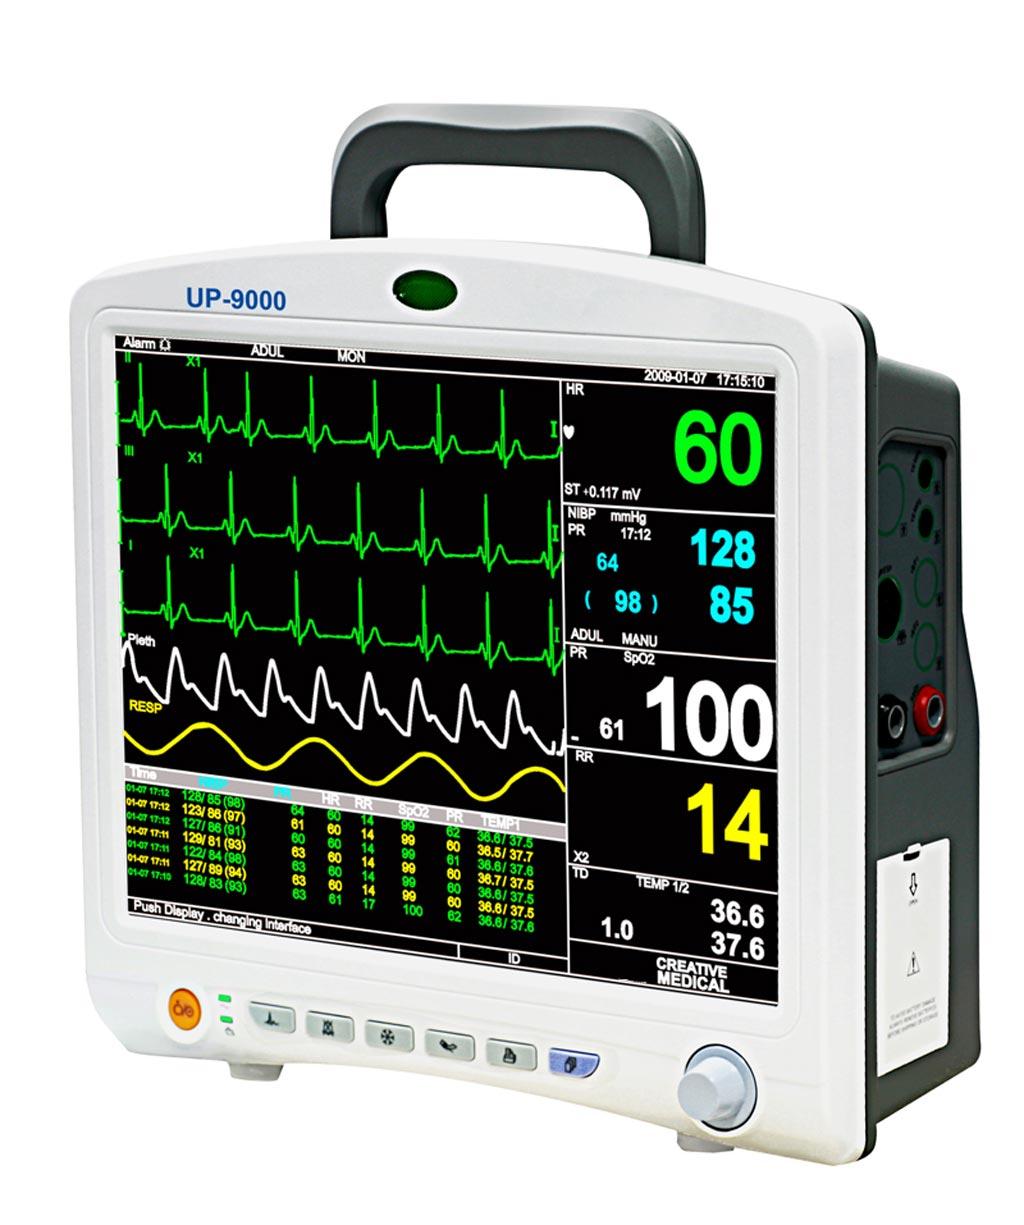 Imagen: Se espera que el mercado global de monitorización multiparamétrica de pacientes alcance los seis mil millones de dólares para el final de 2028 (Fotografía cortesía de CMI Health).